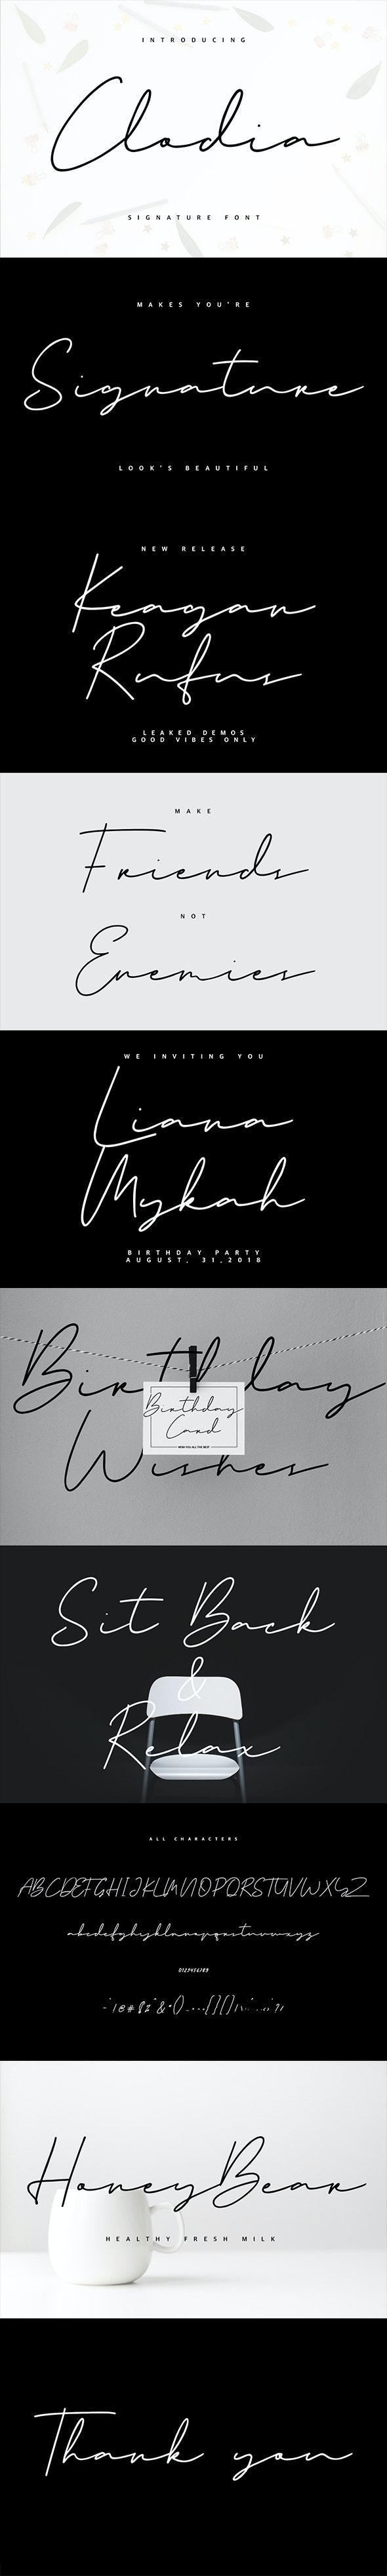 Clodia Signature Font - Calligraphy Script